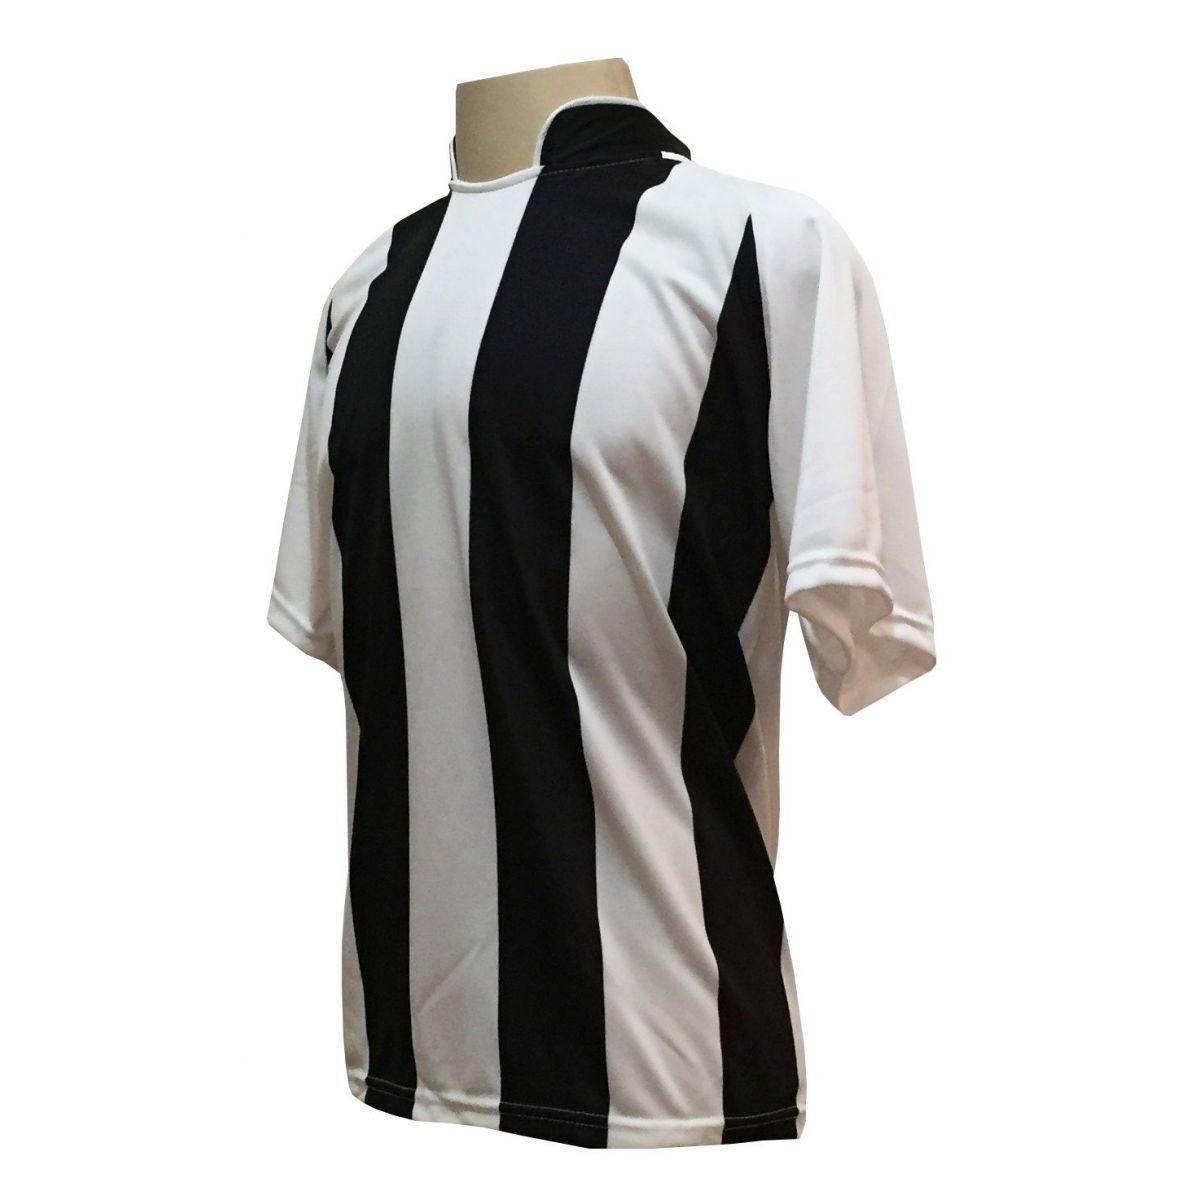 b6ee0f64c6 Uniforme Esportivo com 18 camisas modelo Milan Branco Preto + 18 calções  modelo Madrid + 1 Goleiro + Brindes - Play fair R  789